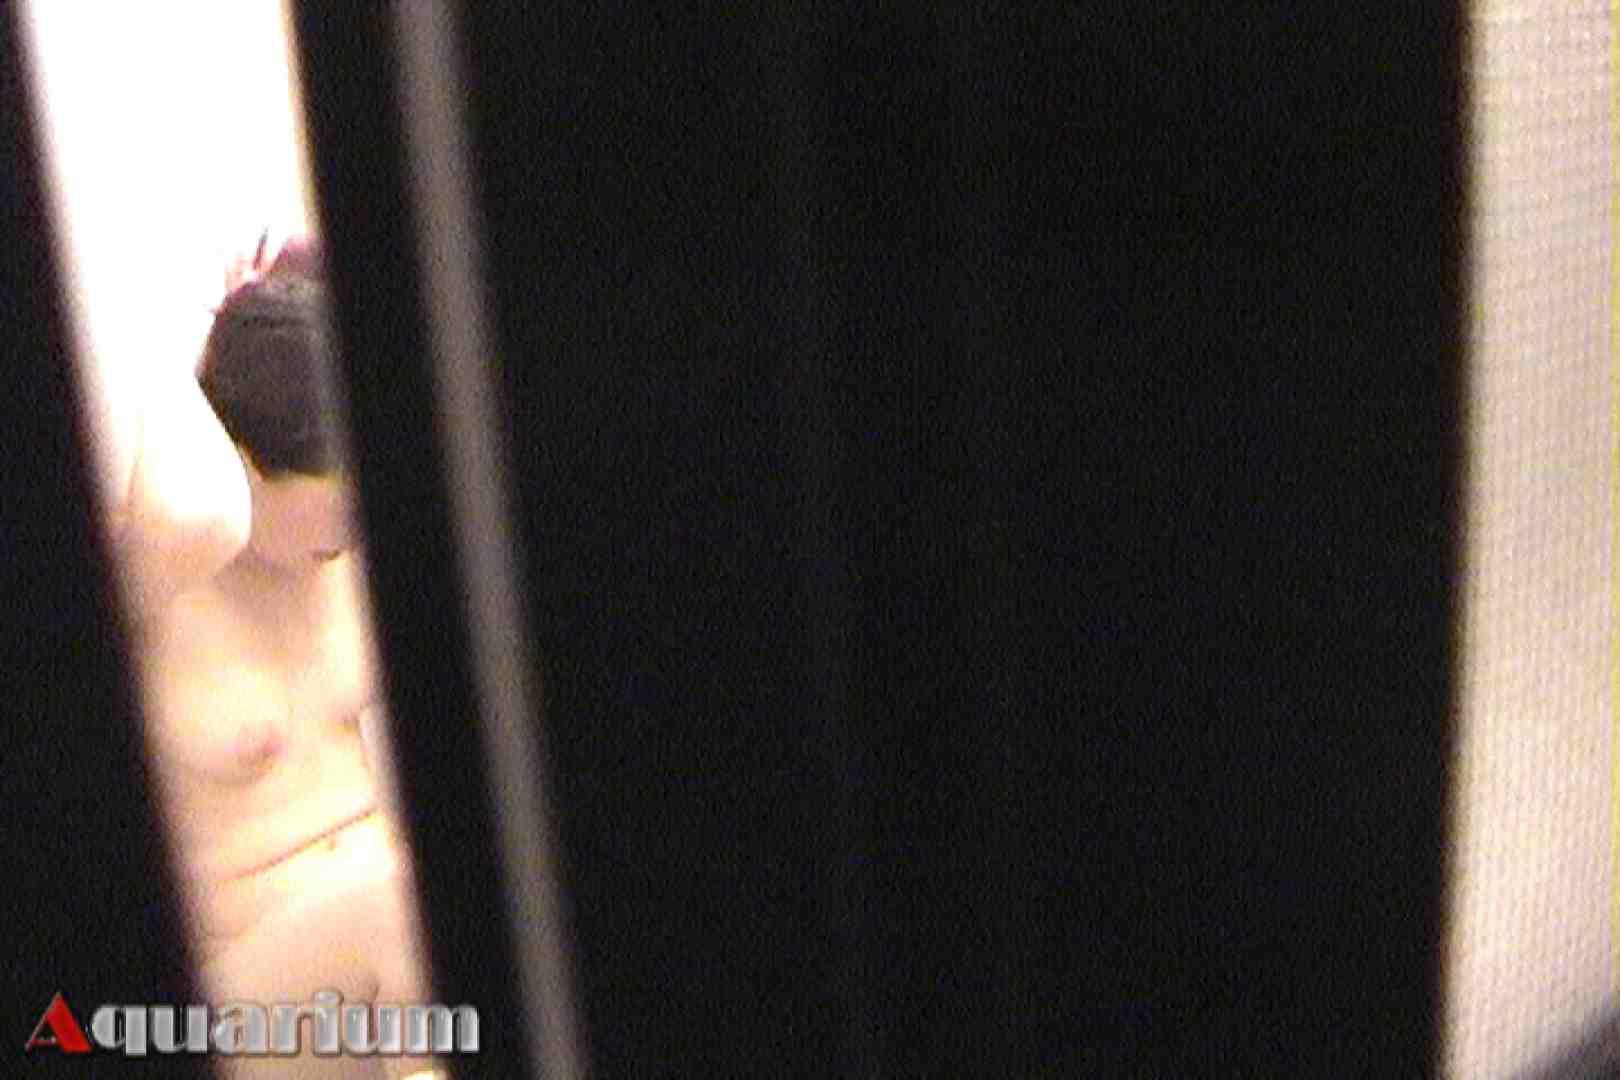 旅館脱衣所お着替え盗撮 Vol.04 脱衣所 のぞき動画画像 55pic 19